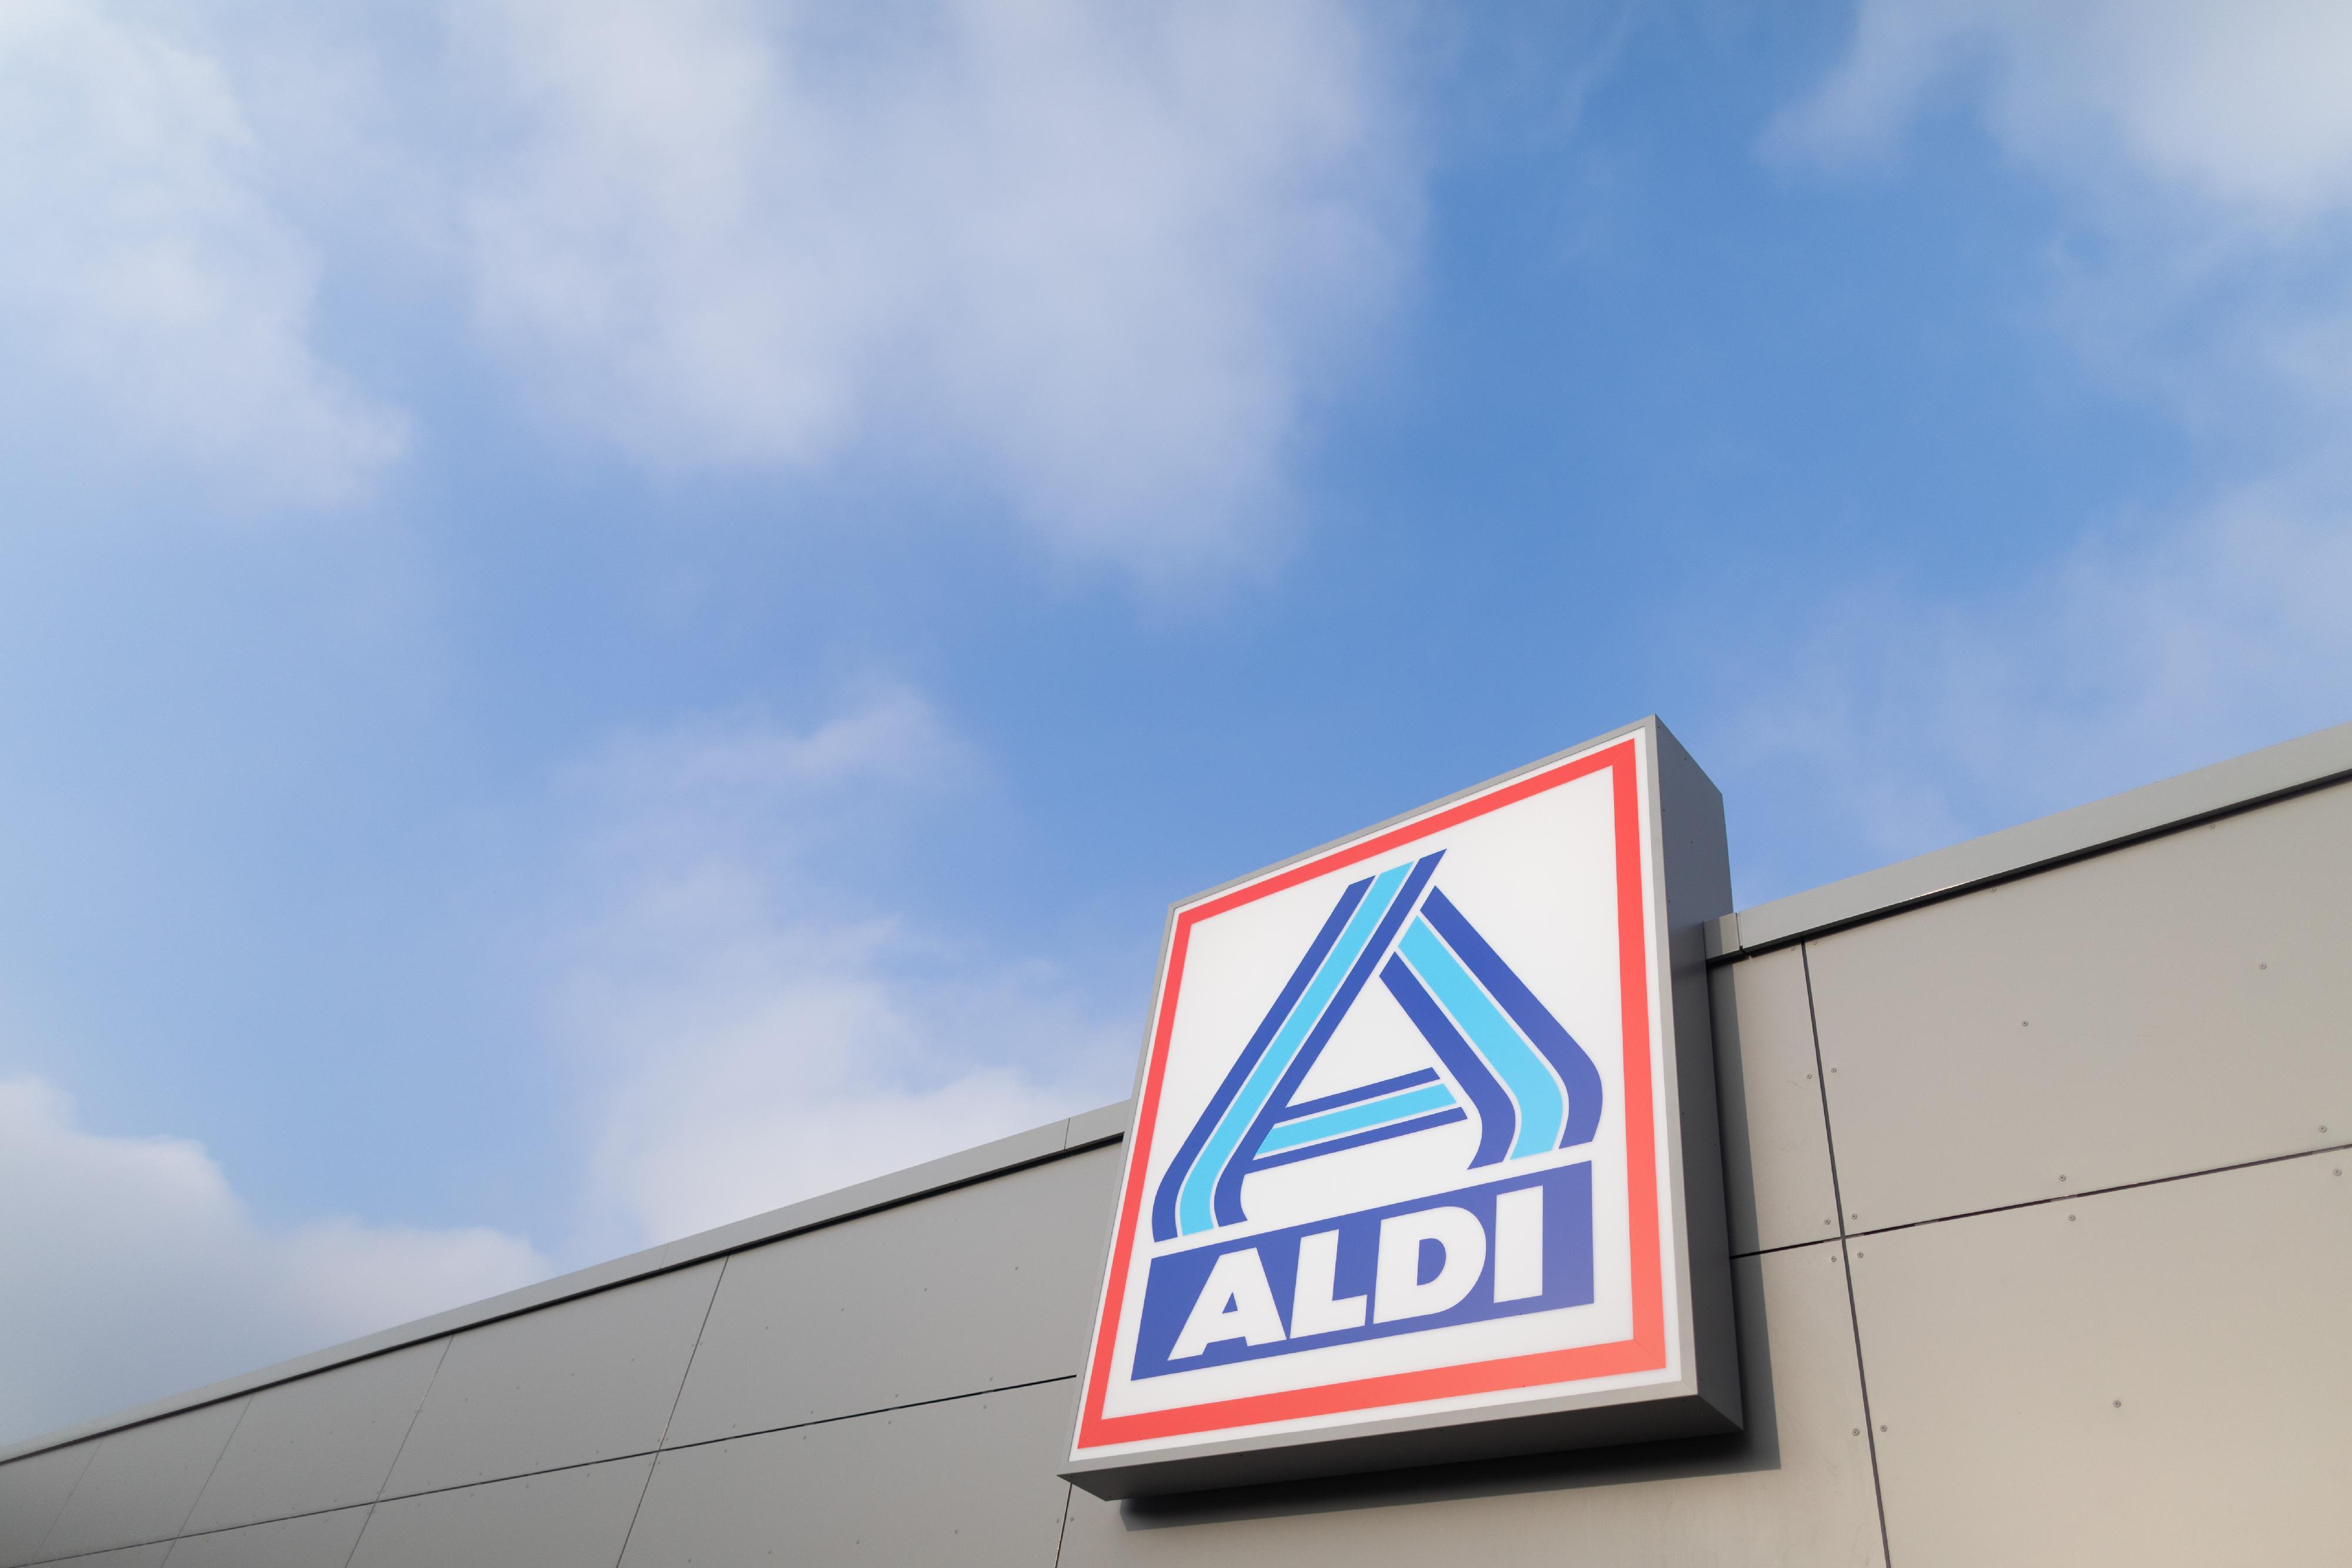 Aldi-Mitarbeiter kauft inkognito bei Aldi im MK ein - und beobachtet irre Szenen